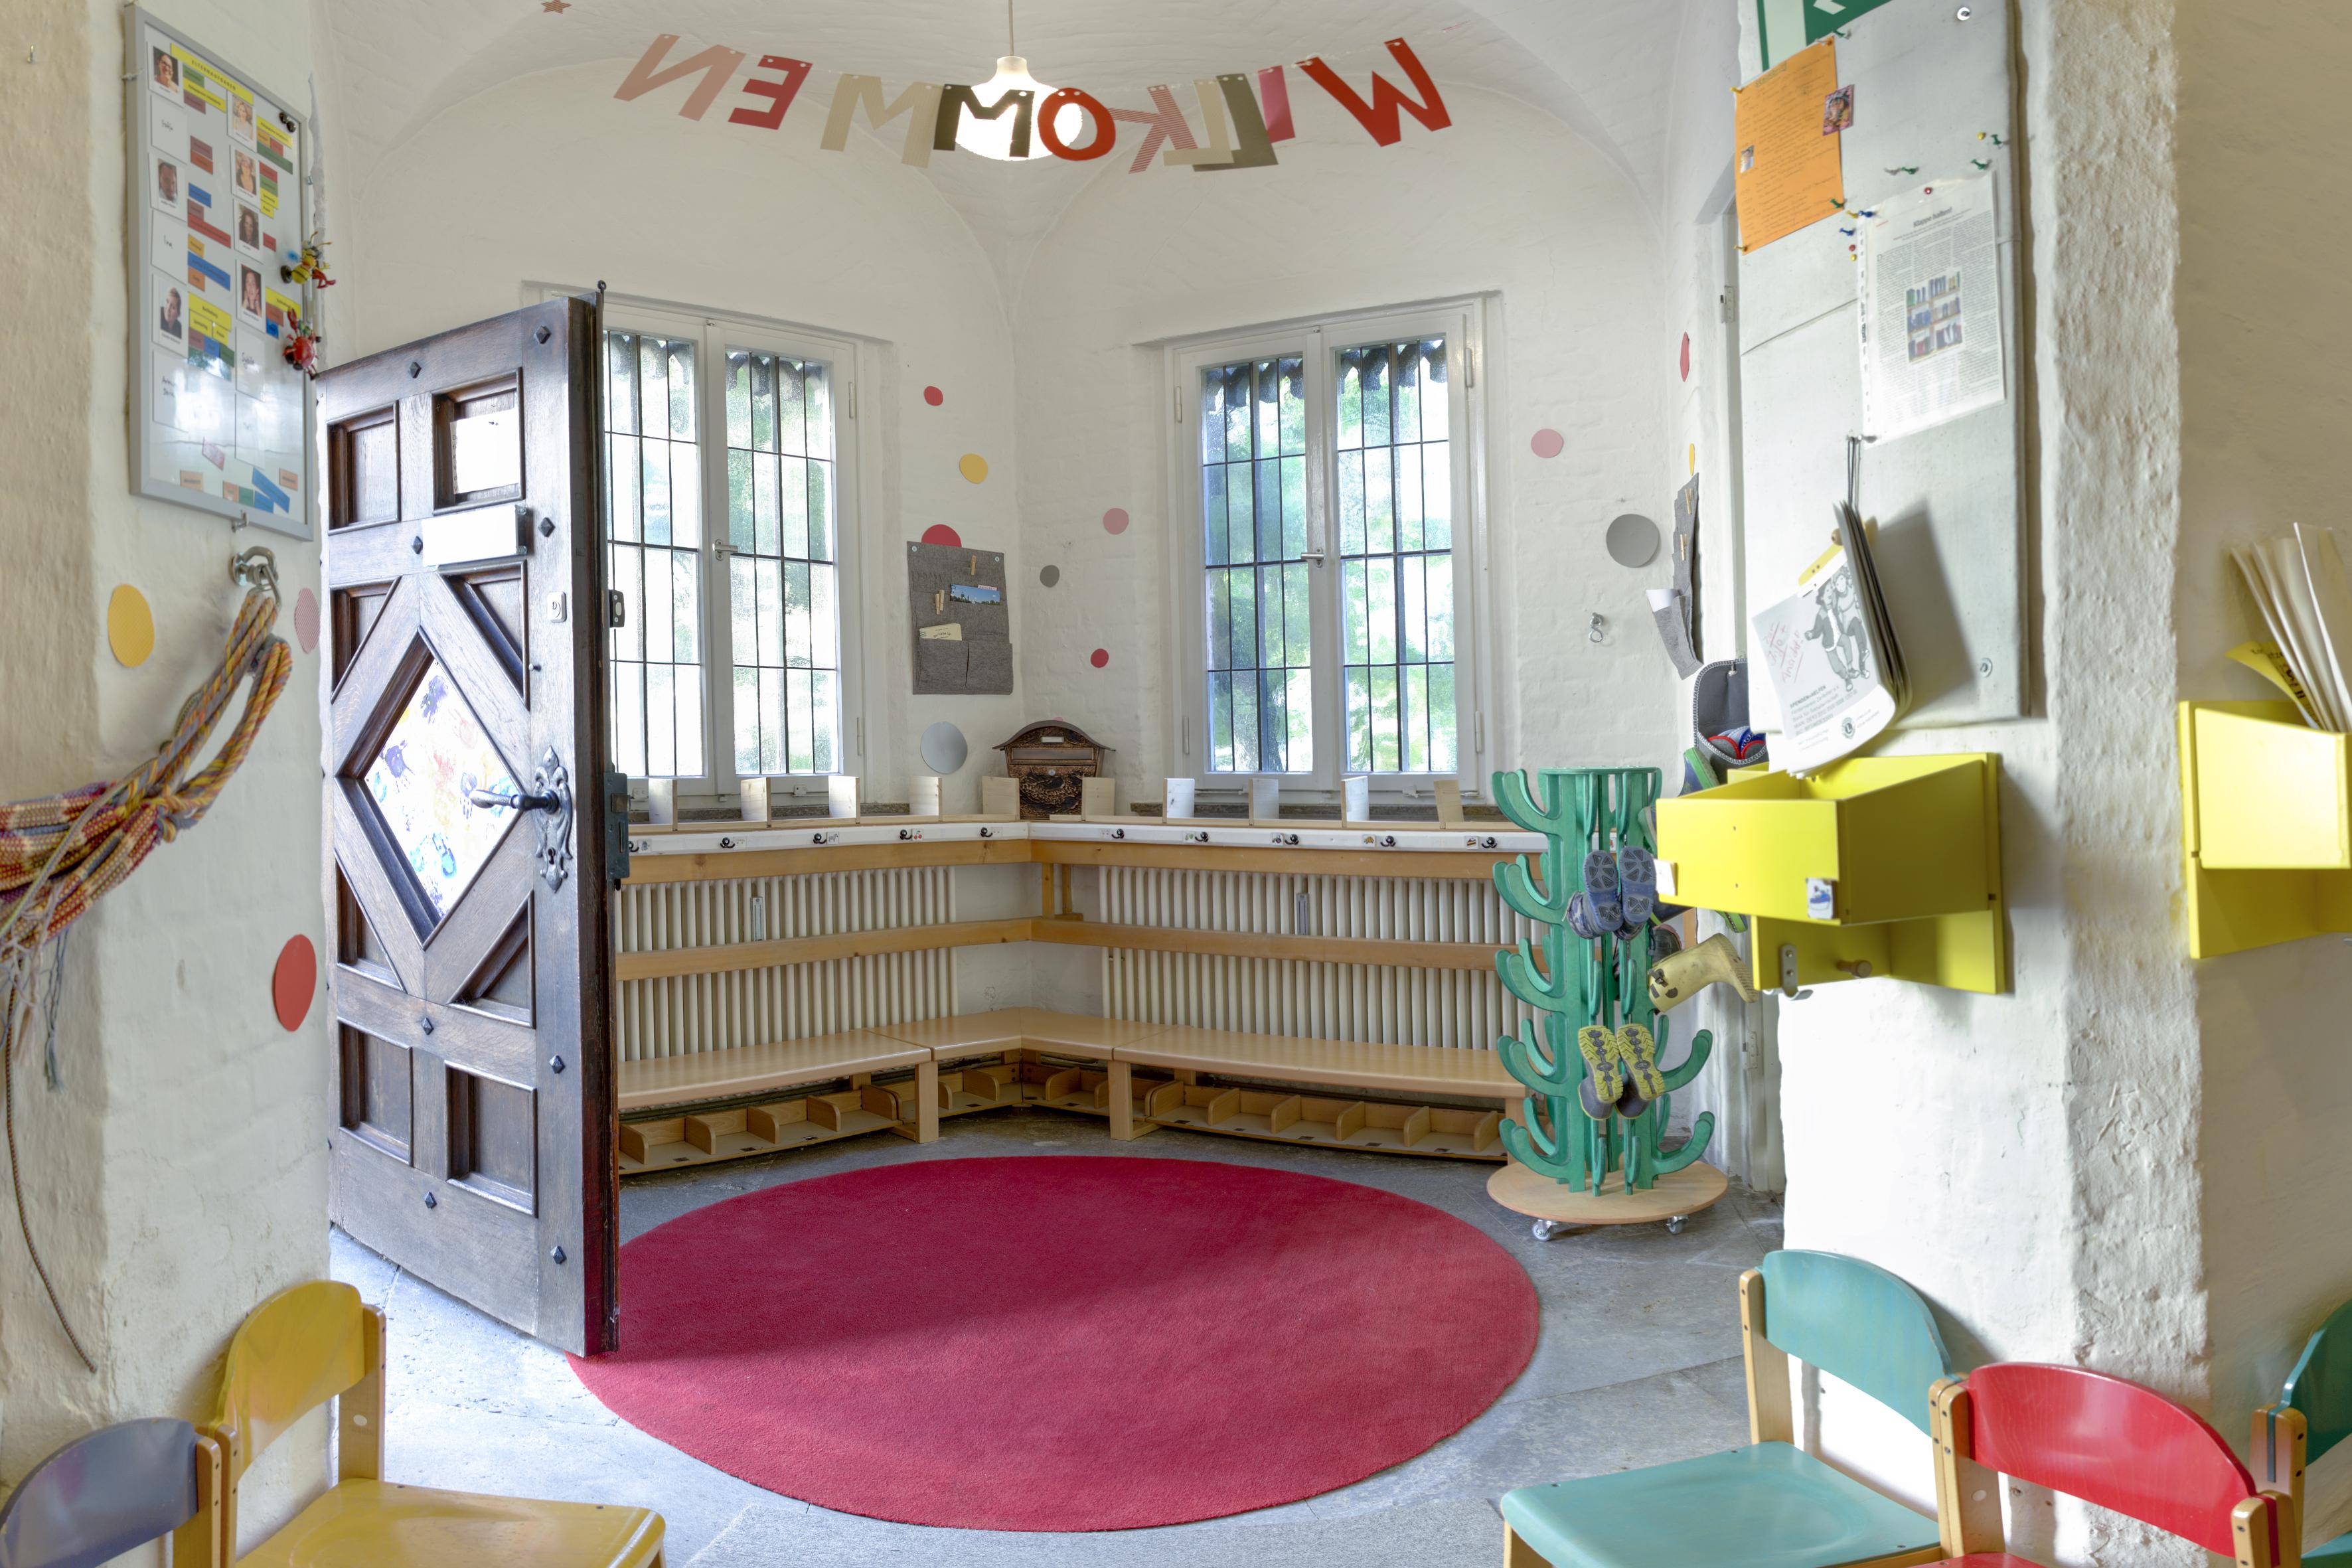 Inneneinrichtung München lehelden inneneinrichtung lehelden e v kindergarten im lehel